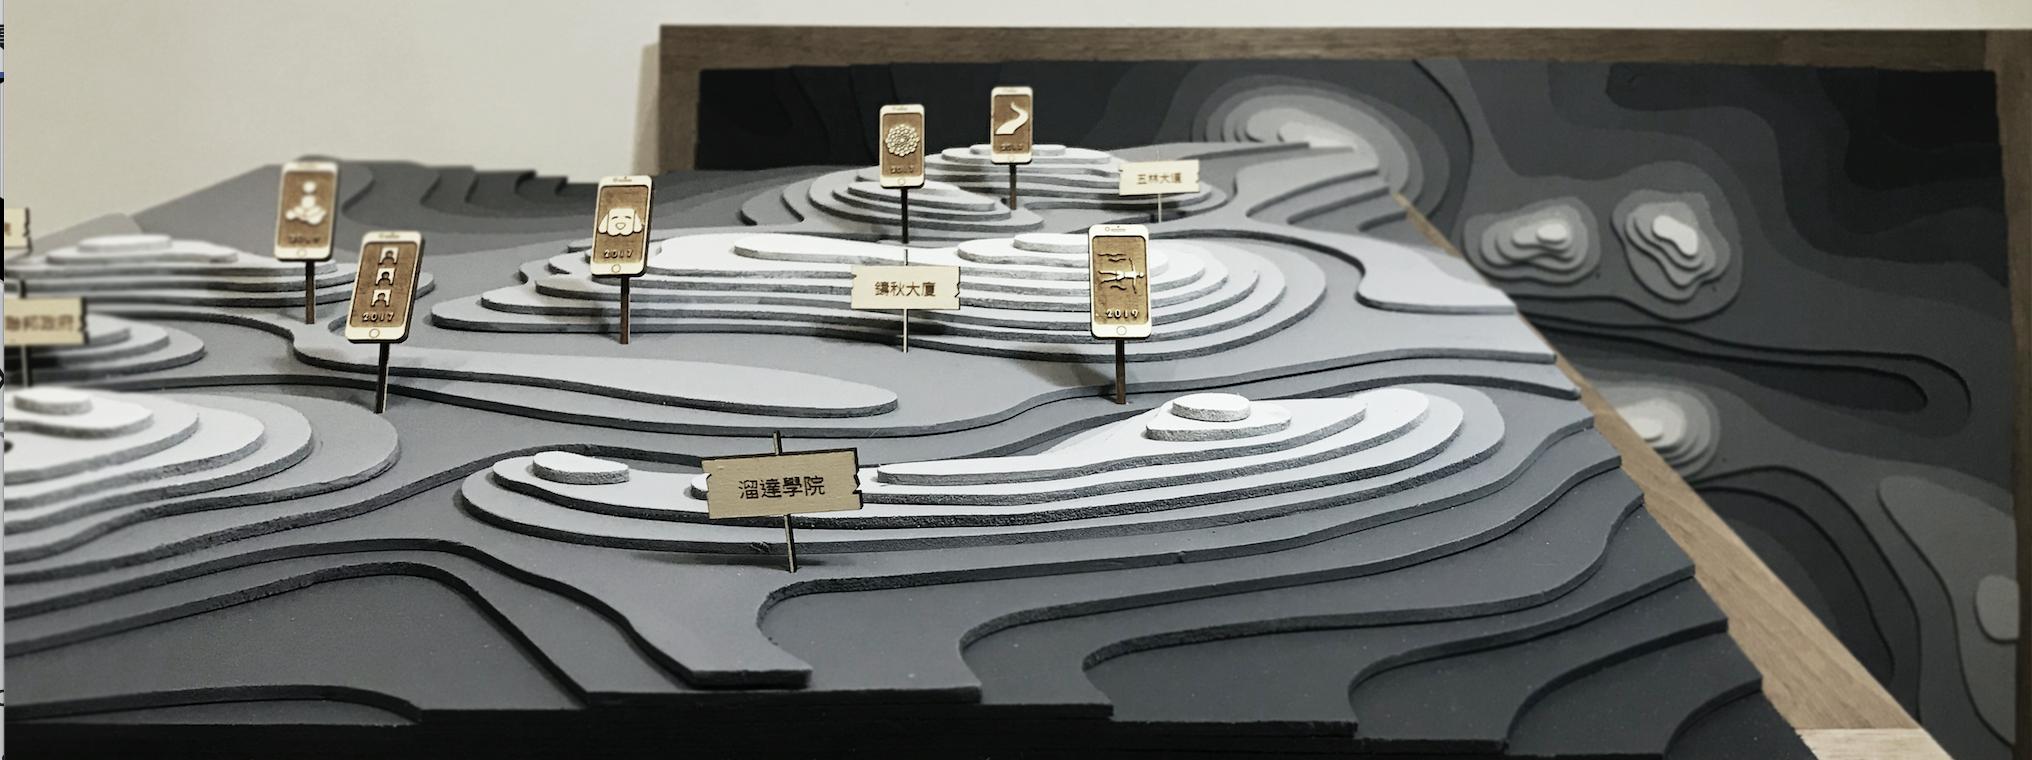 建築室內設計案例看這裡!高質感雷雕建築模型